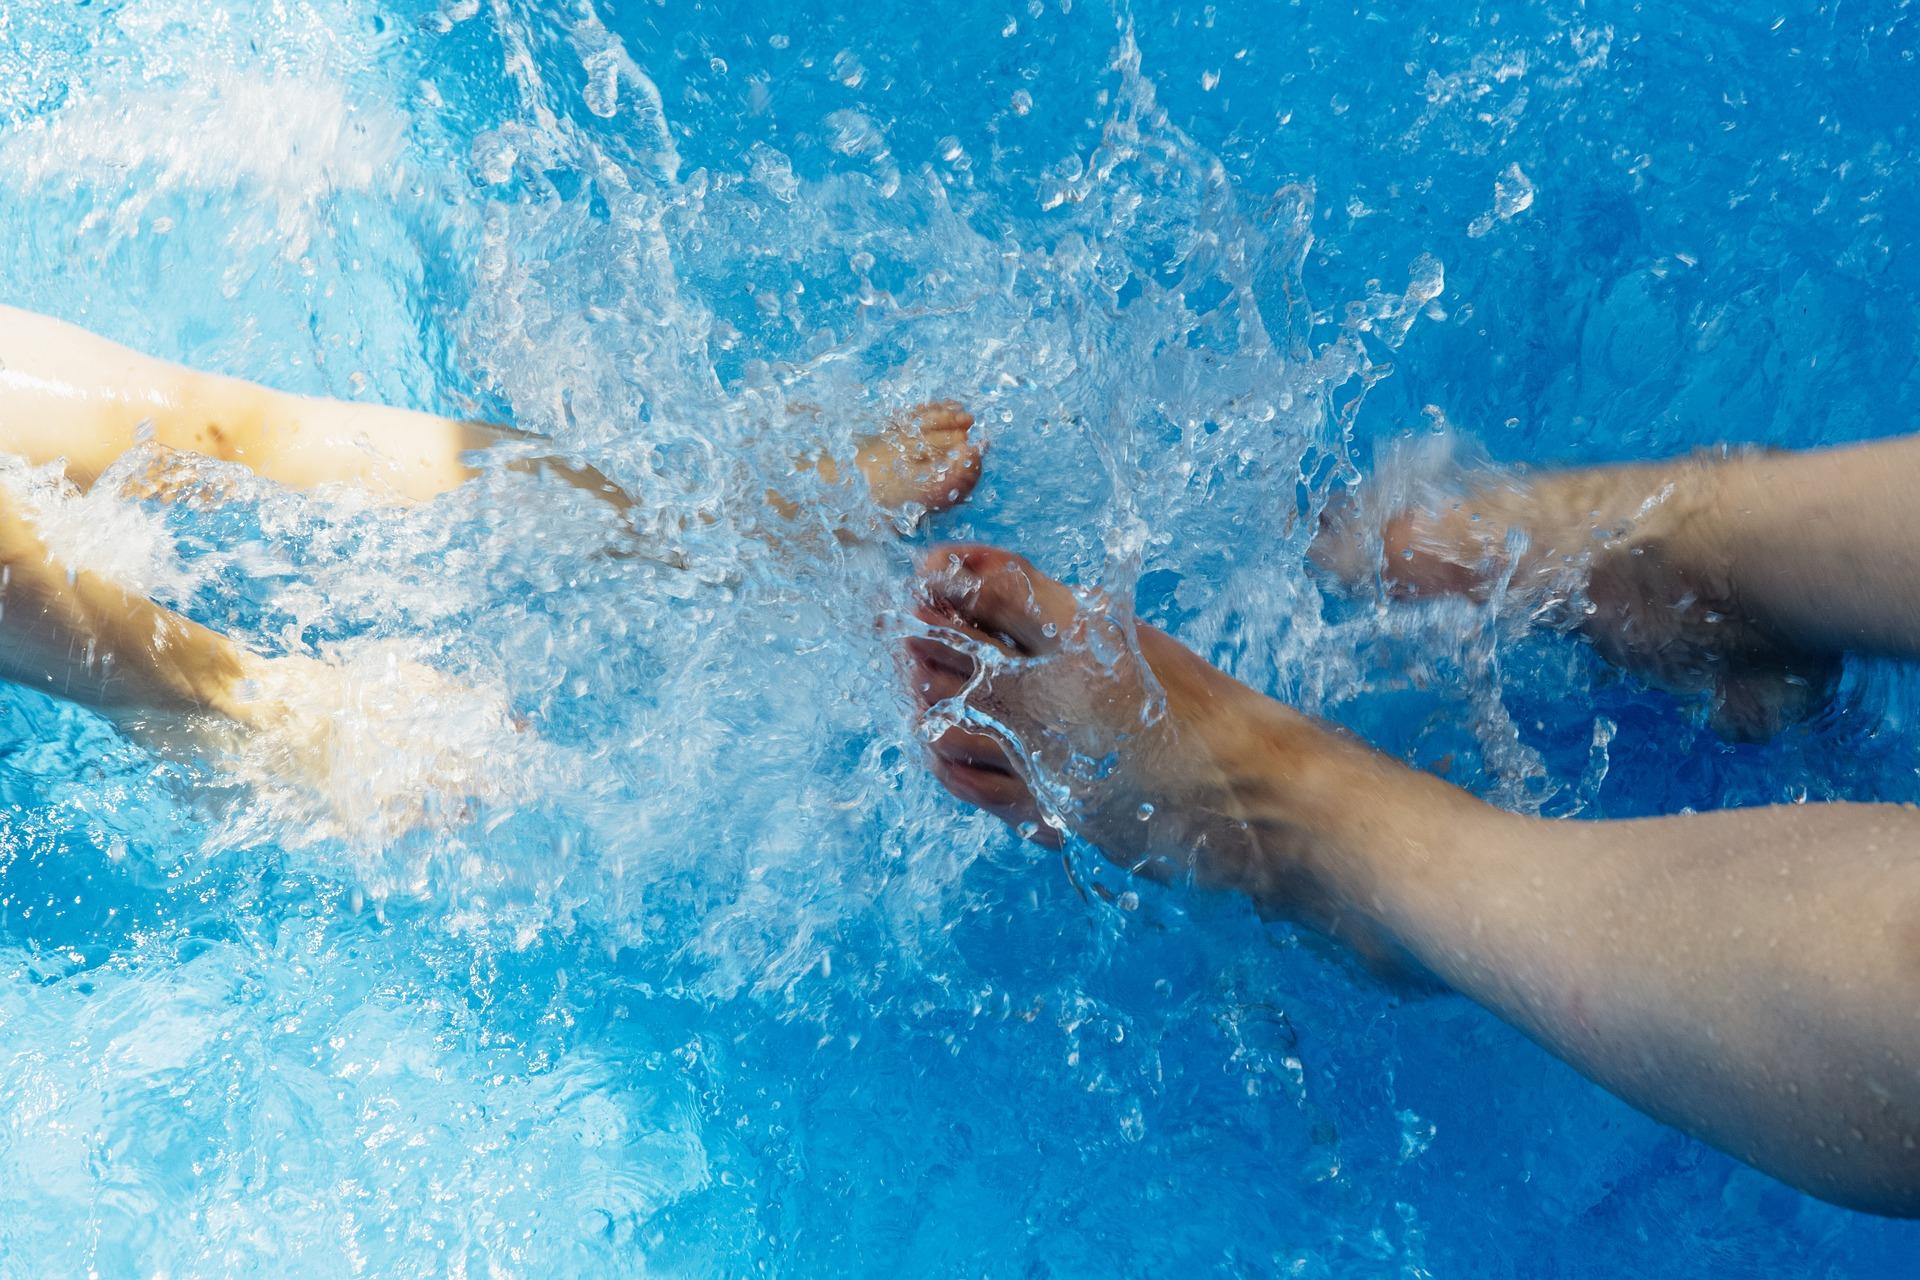 water-1408176_1920.jpg